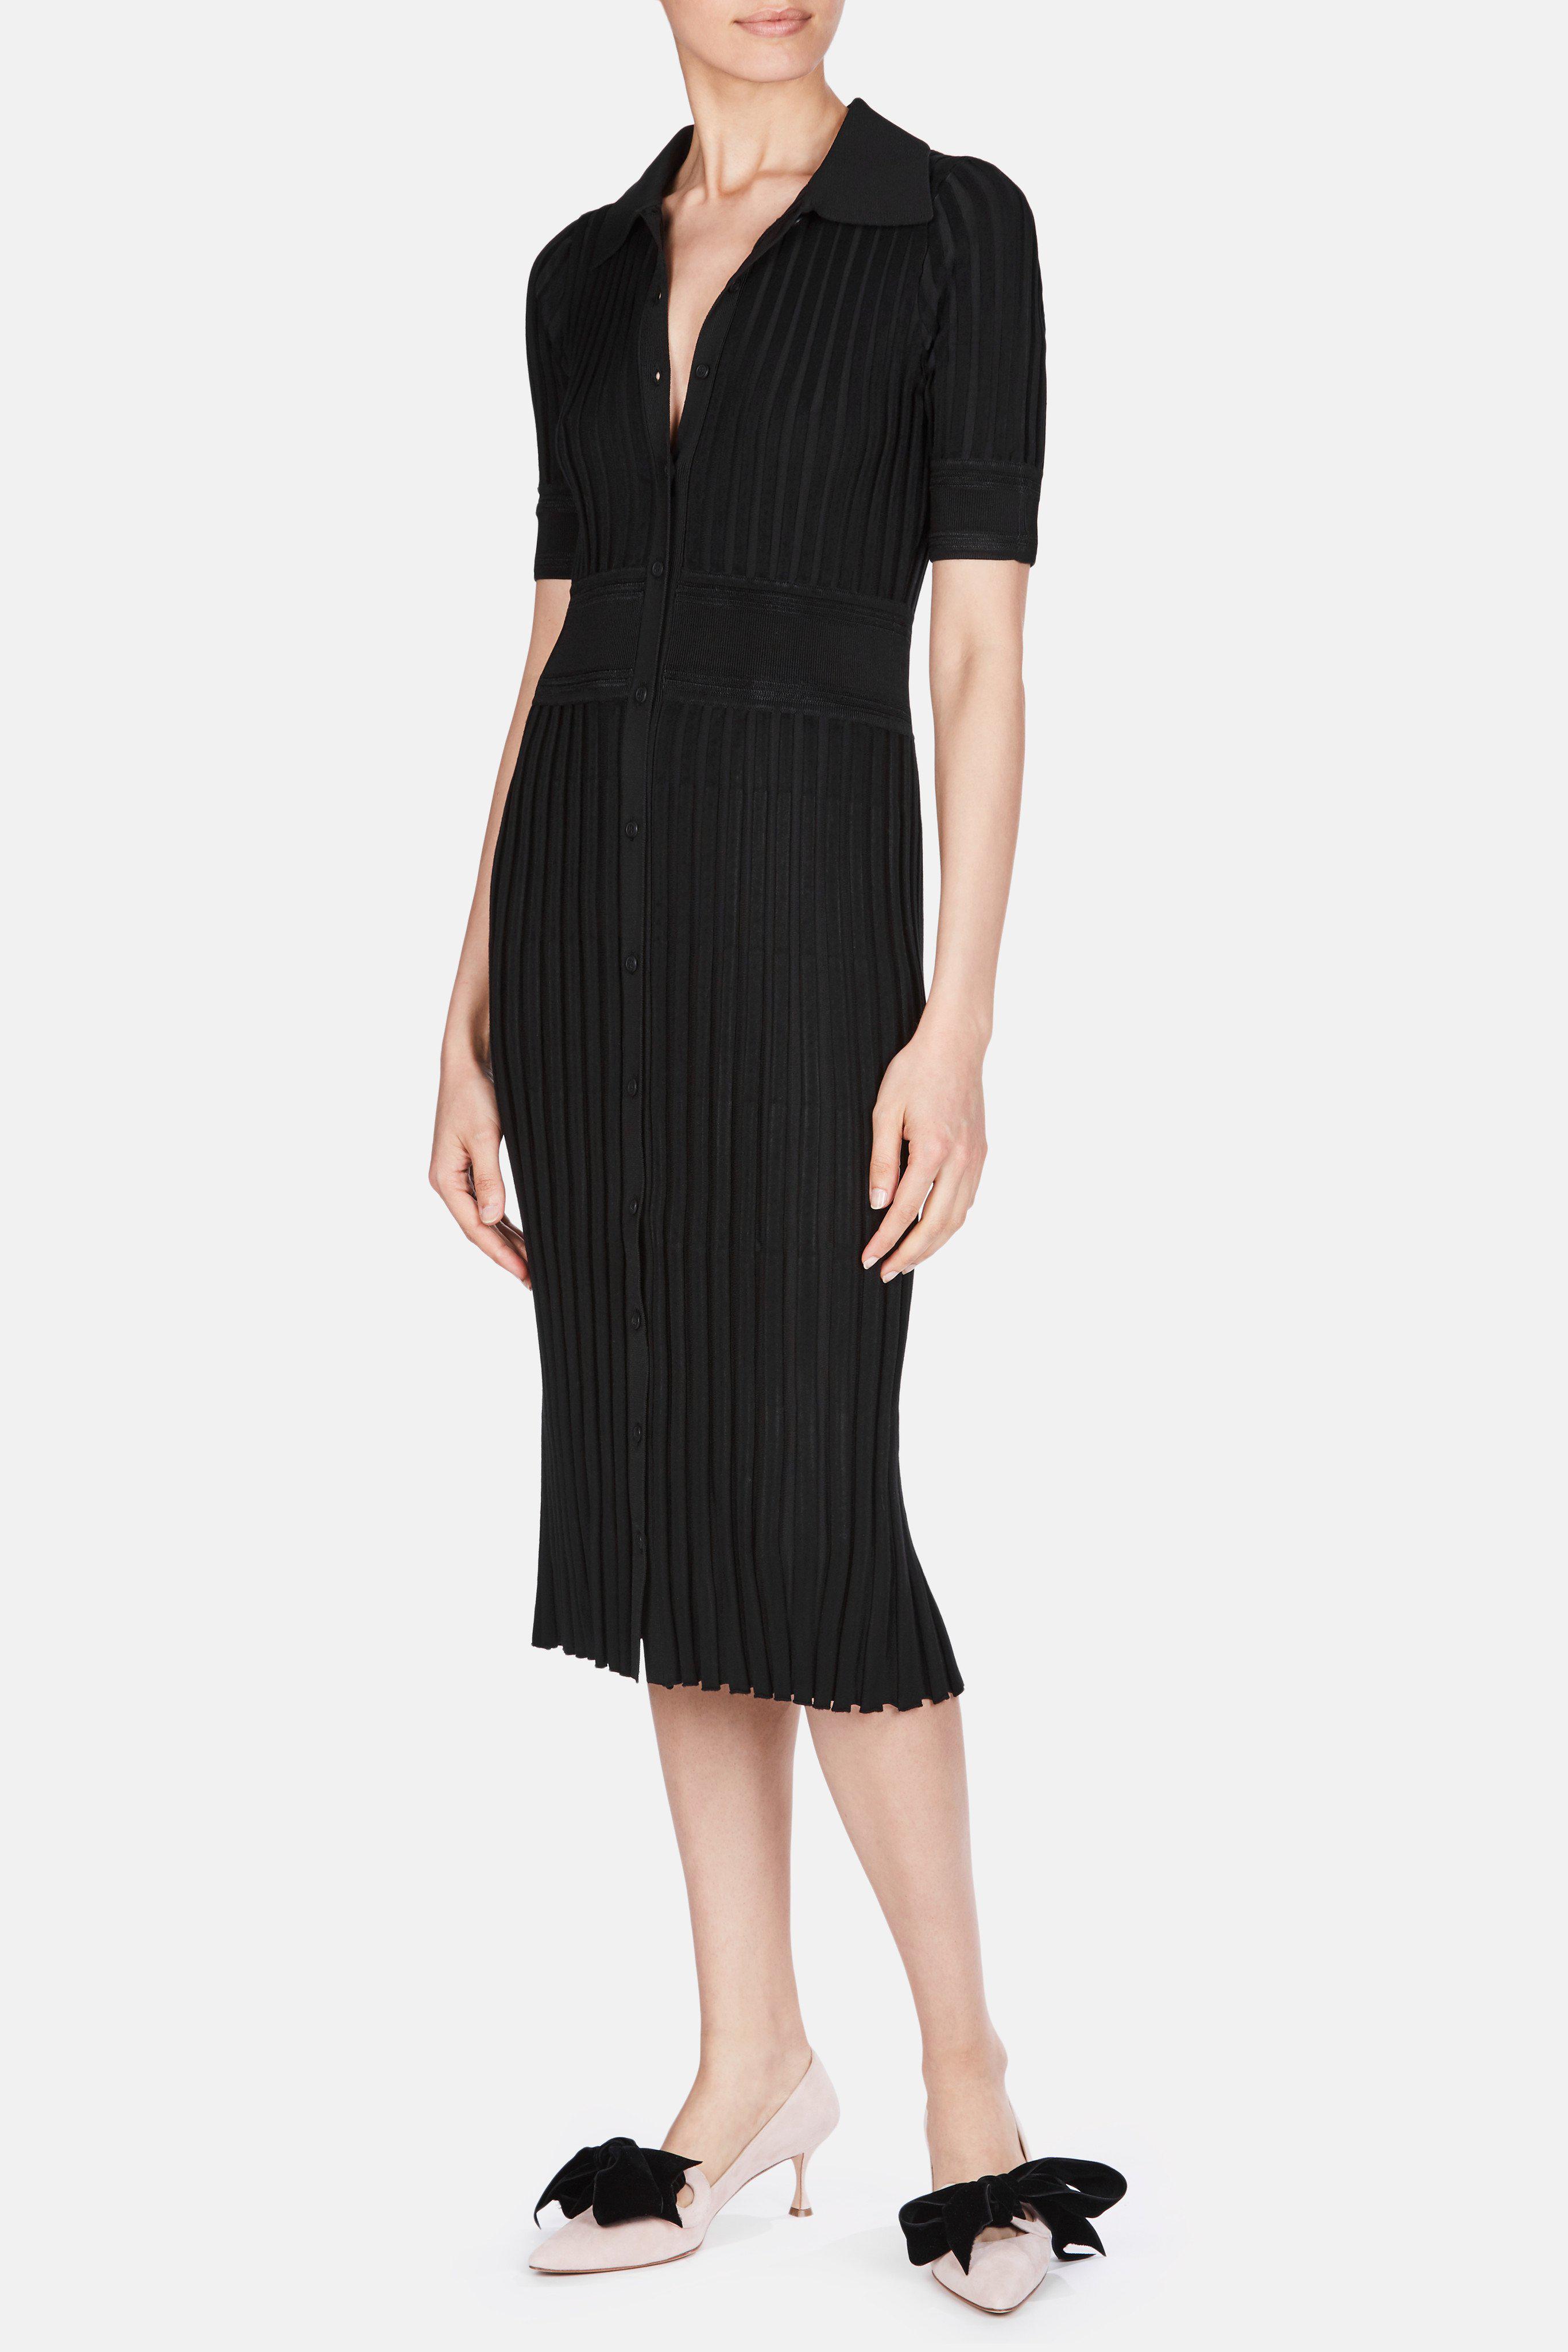 Black Olivia Dress Altuzarra esfHawELac